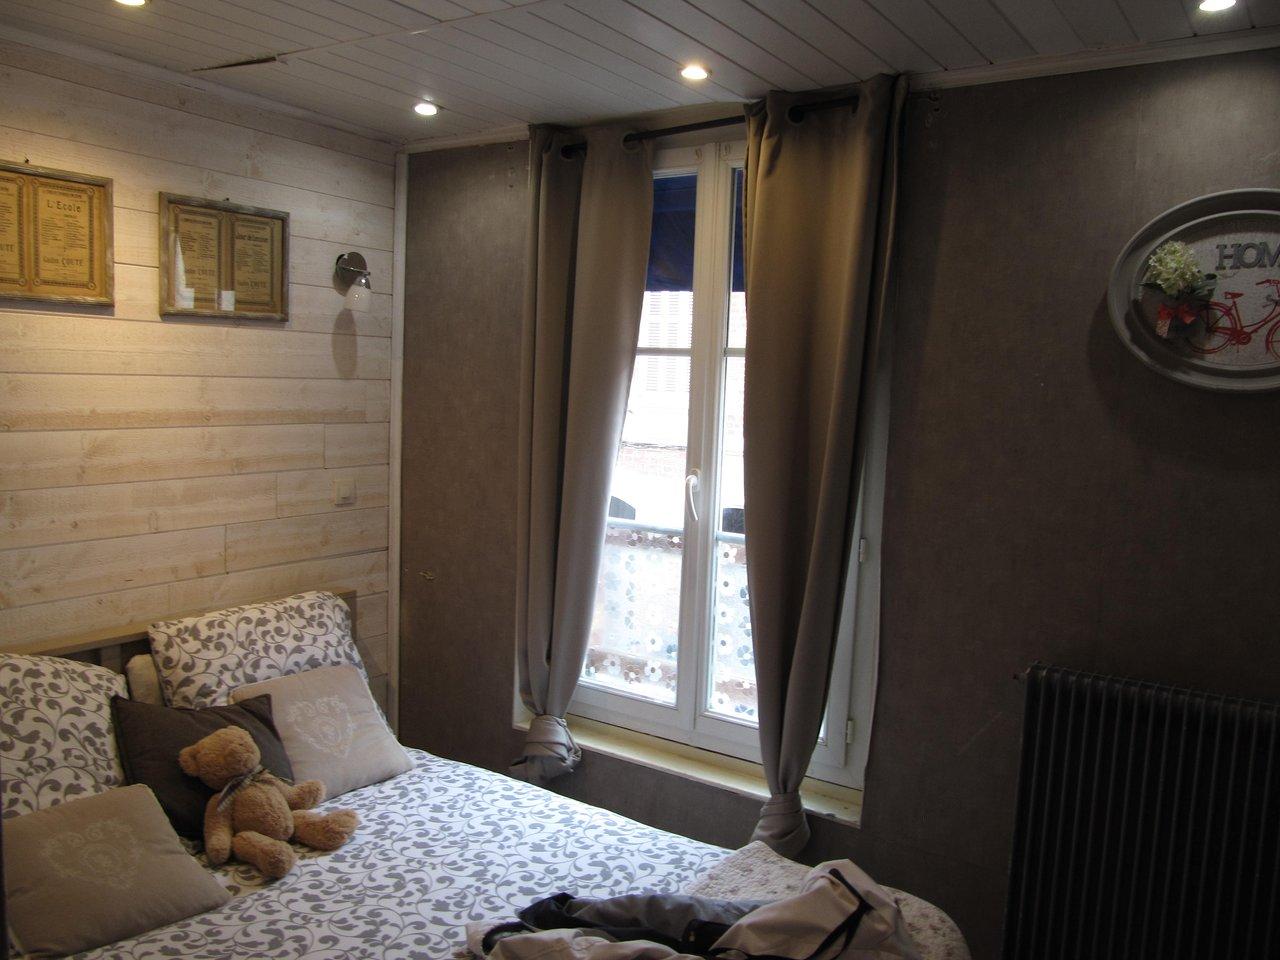 Les 5 meilleures chambres d\'hôtes à Cabourg en 2019 (avec prix ...